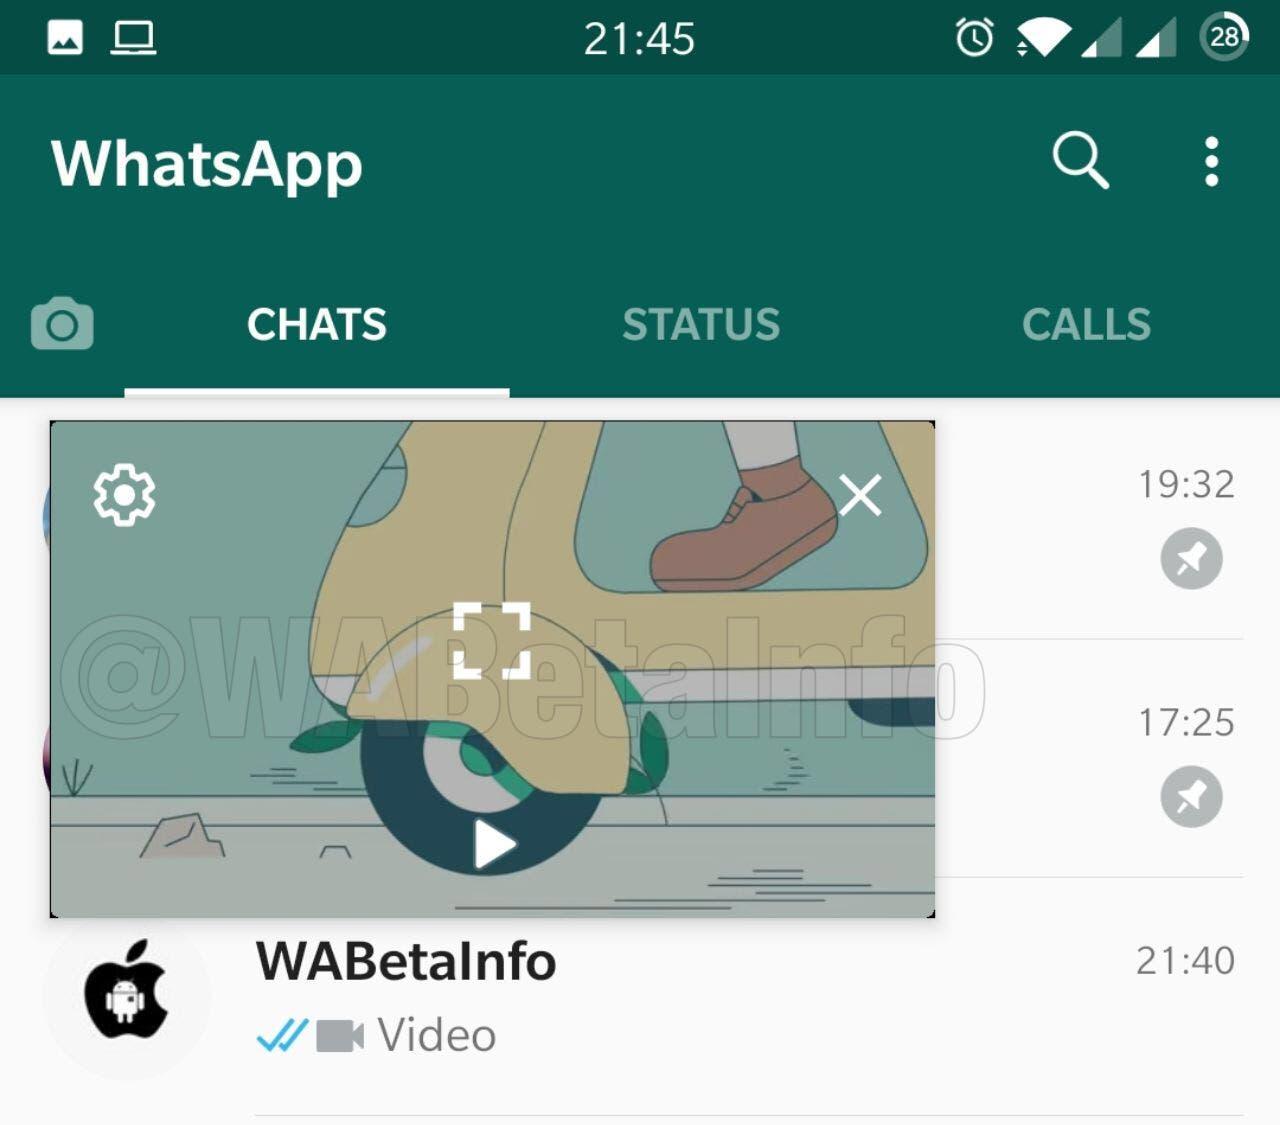 ¡Innovación! WhatsApp permitirá escuchar mensajes de voz de manera simultánea